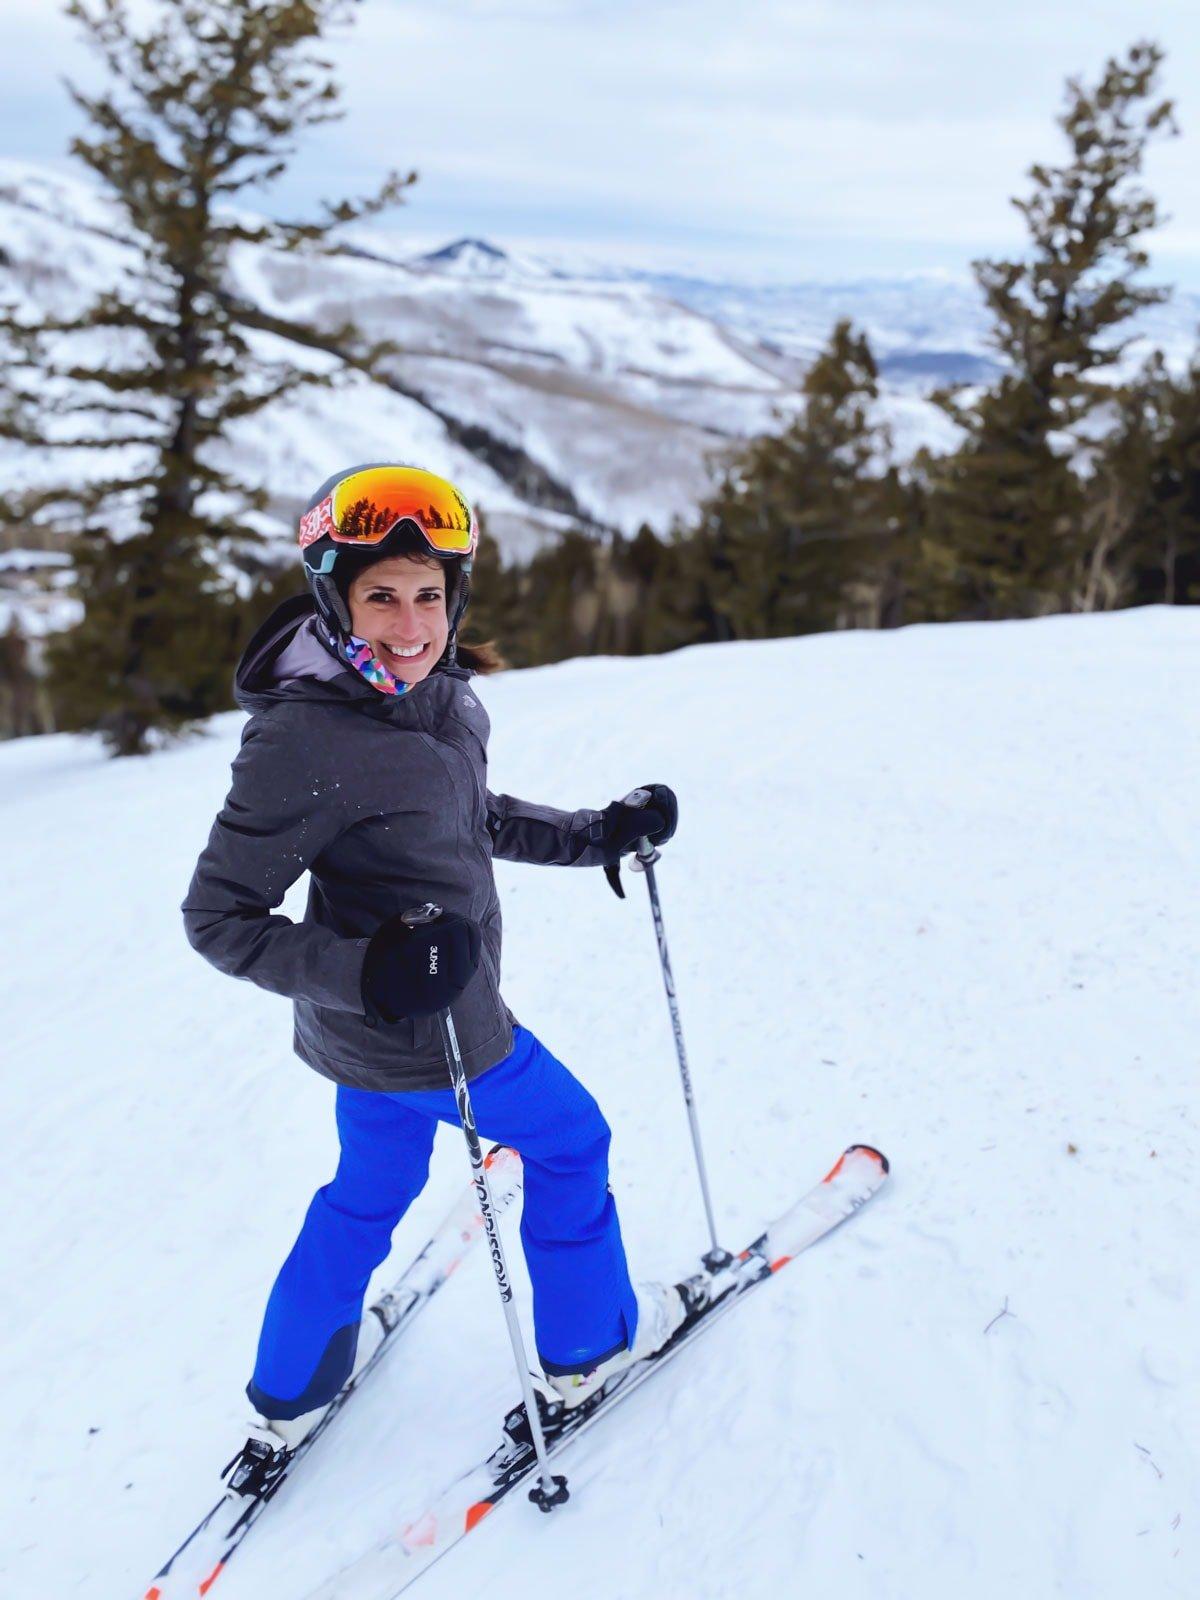 Girl in blue pants on skis at Deer Valley